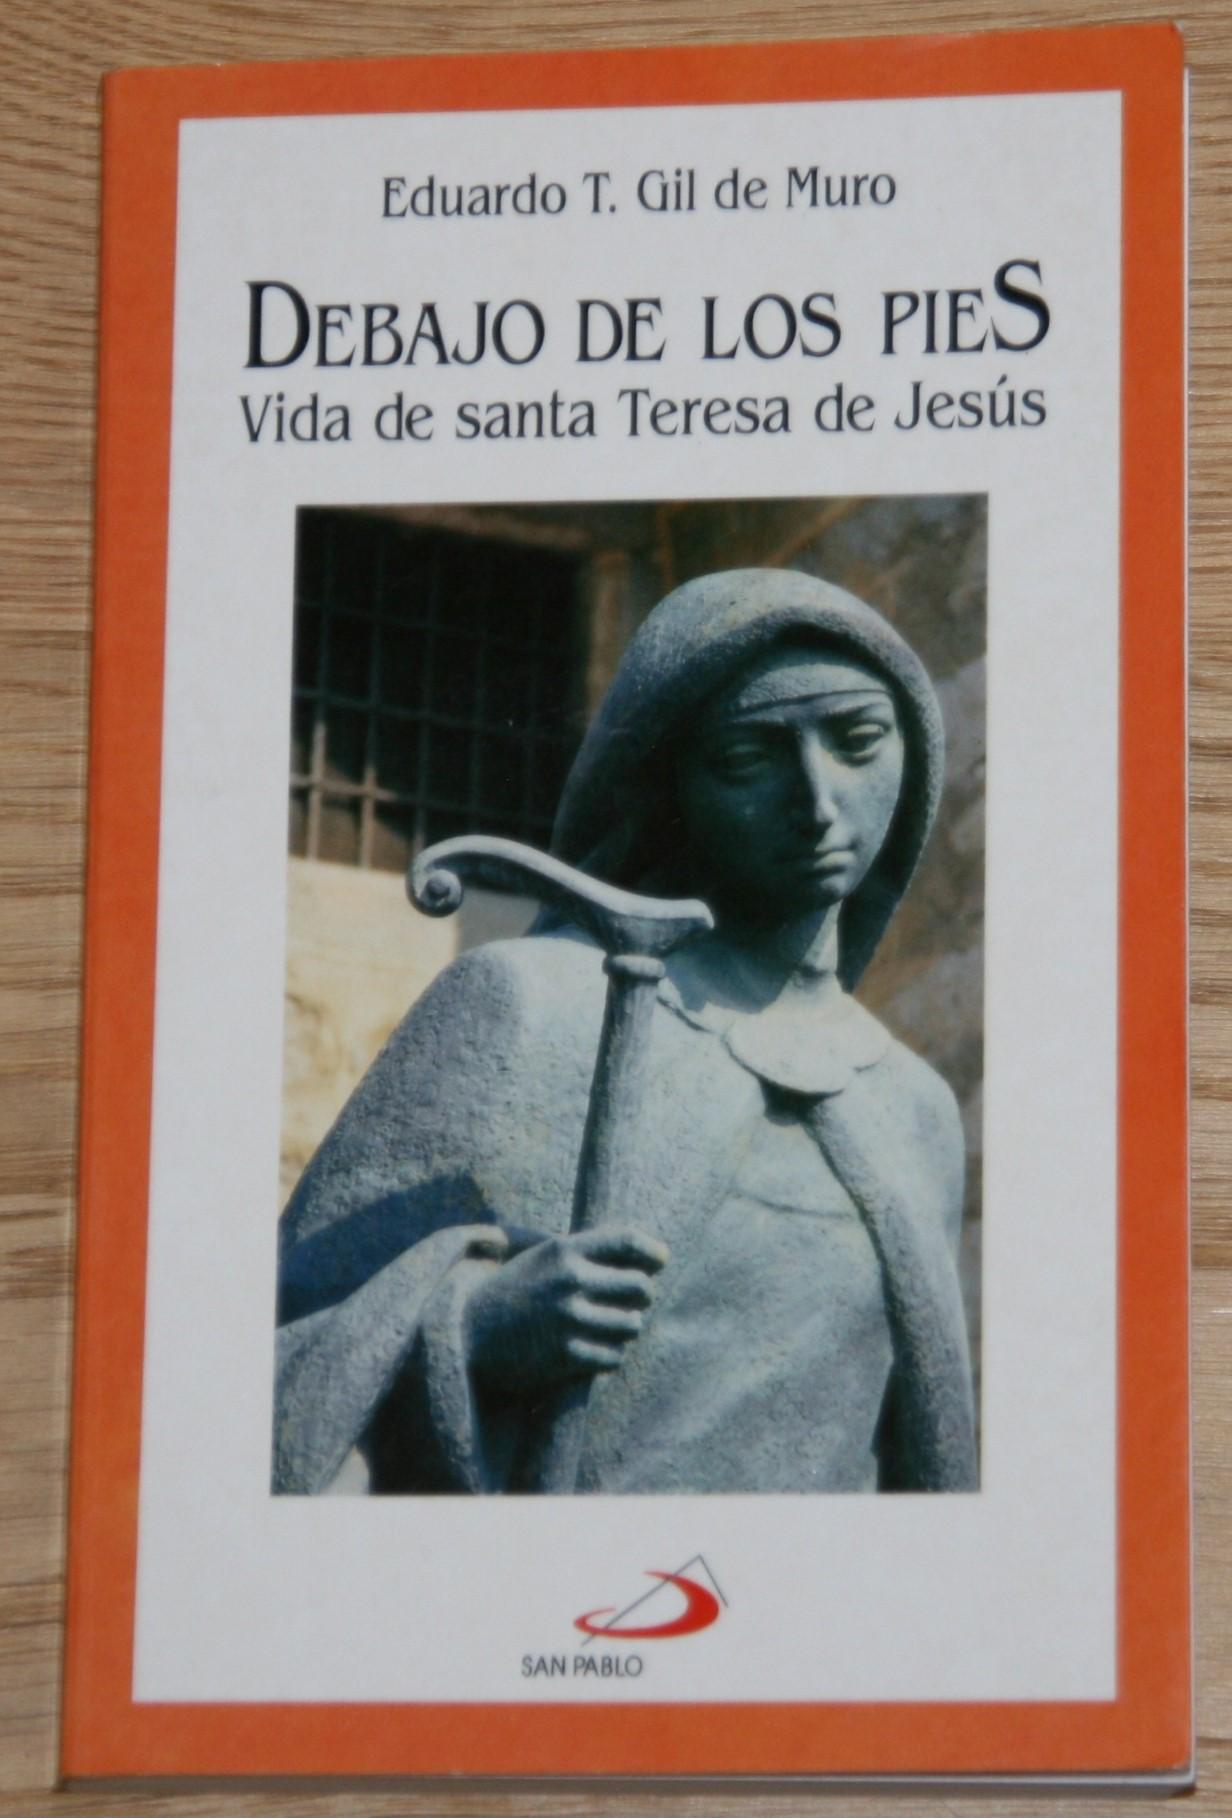 Debajo de los pies. Vida de Santa Teresa de Jesús.